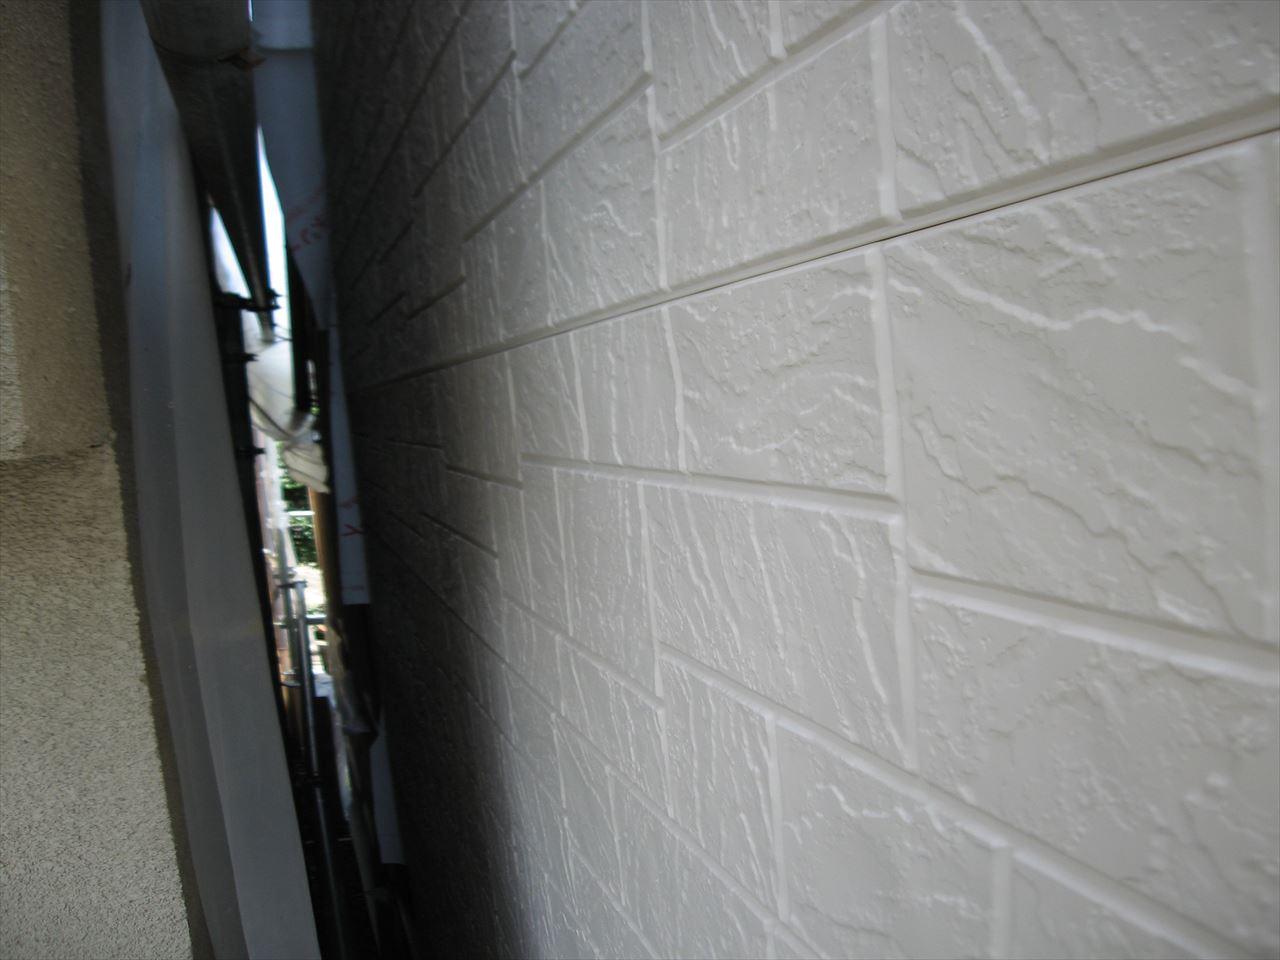 南区辻様邸外壁塗り替え・サイディング張替え工事の施工後写真その2